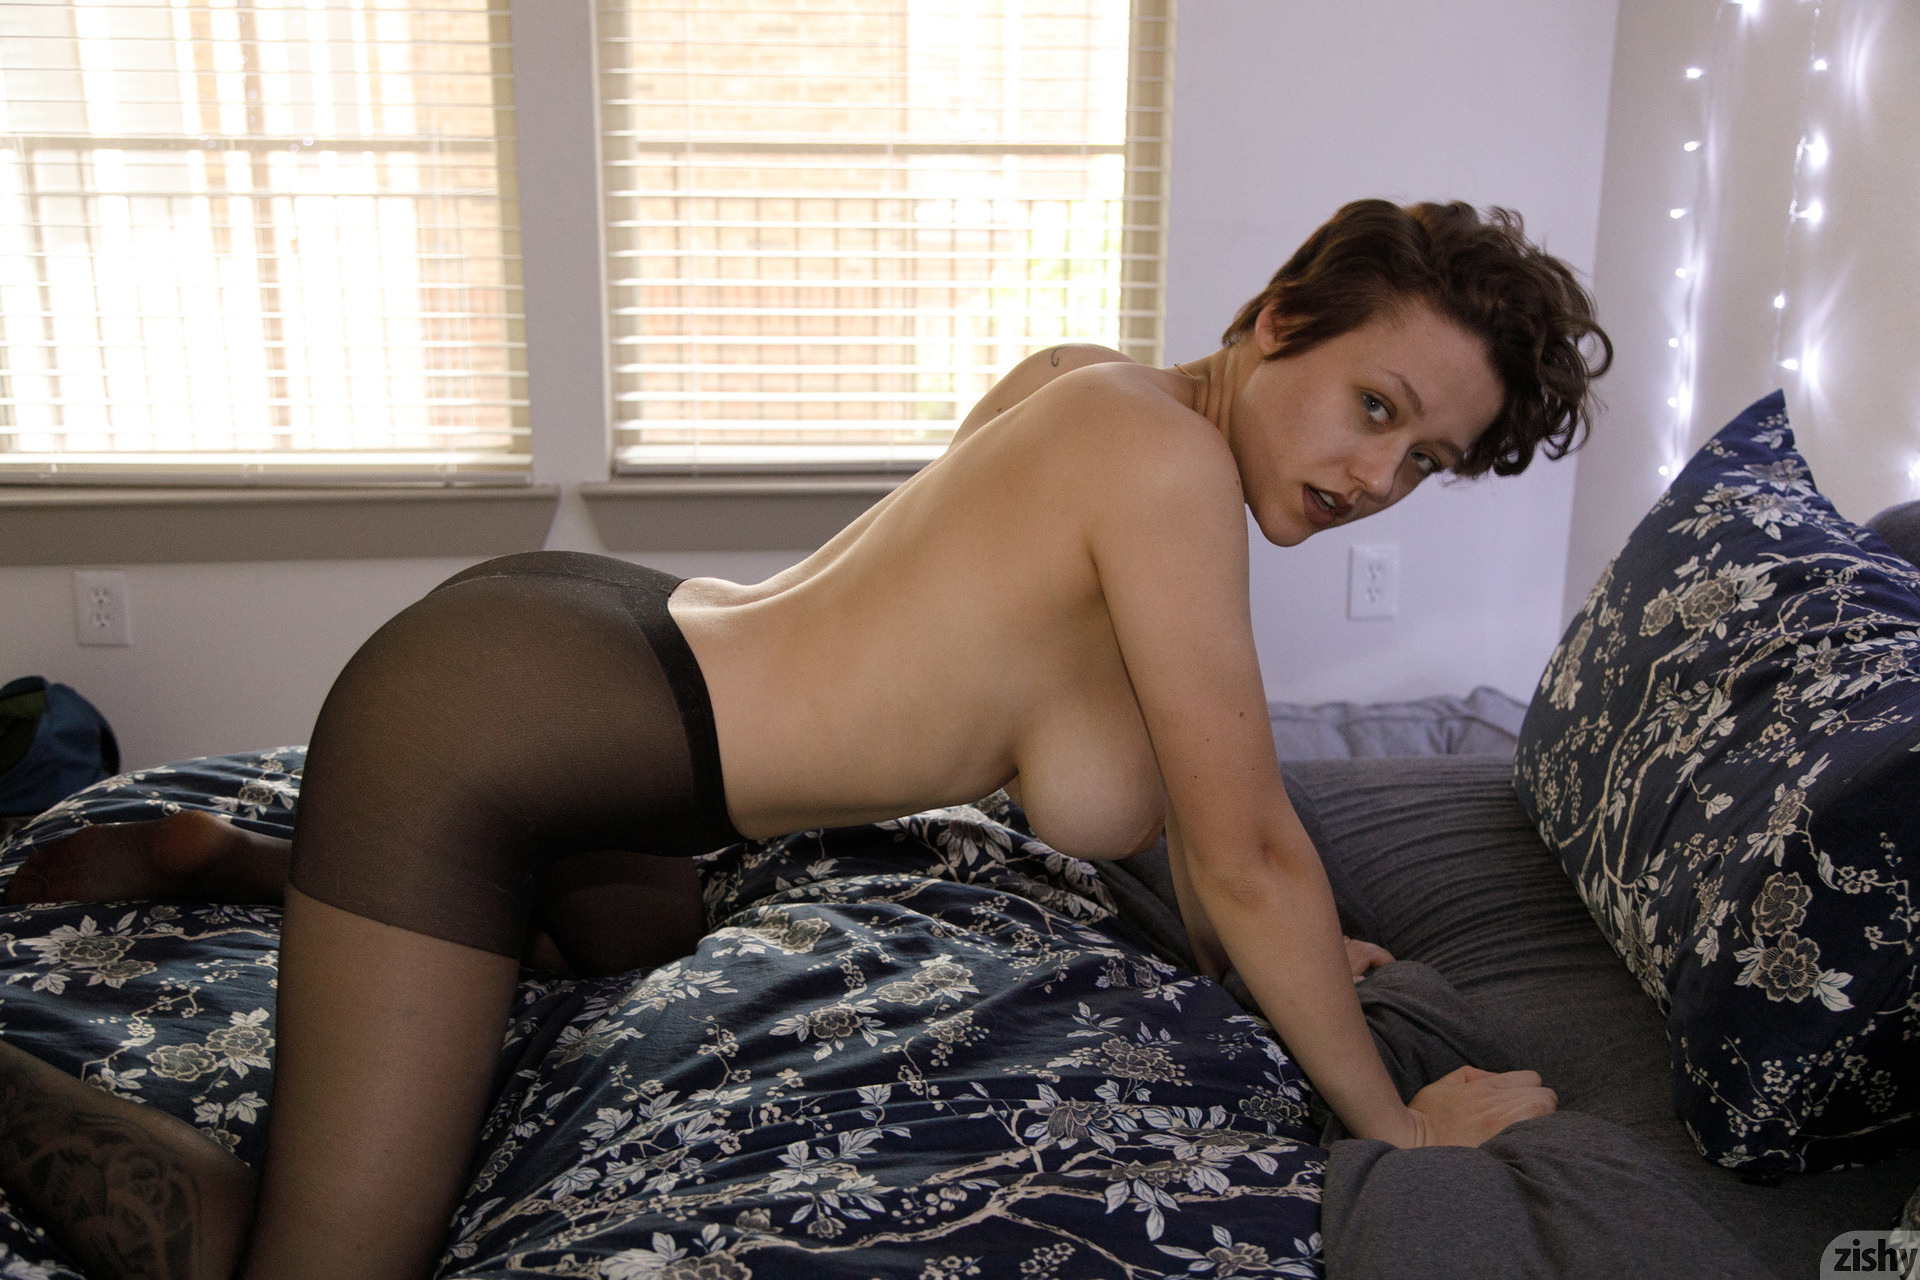 Sabrina Nichole Wigging Out Zishy (44)